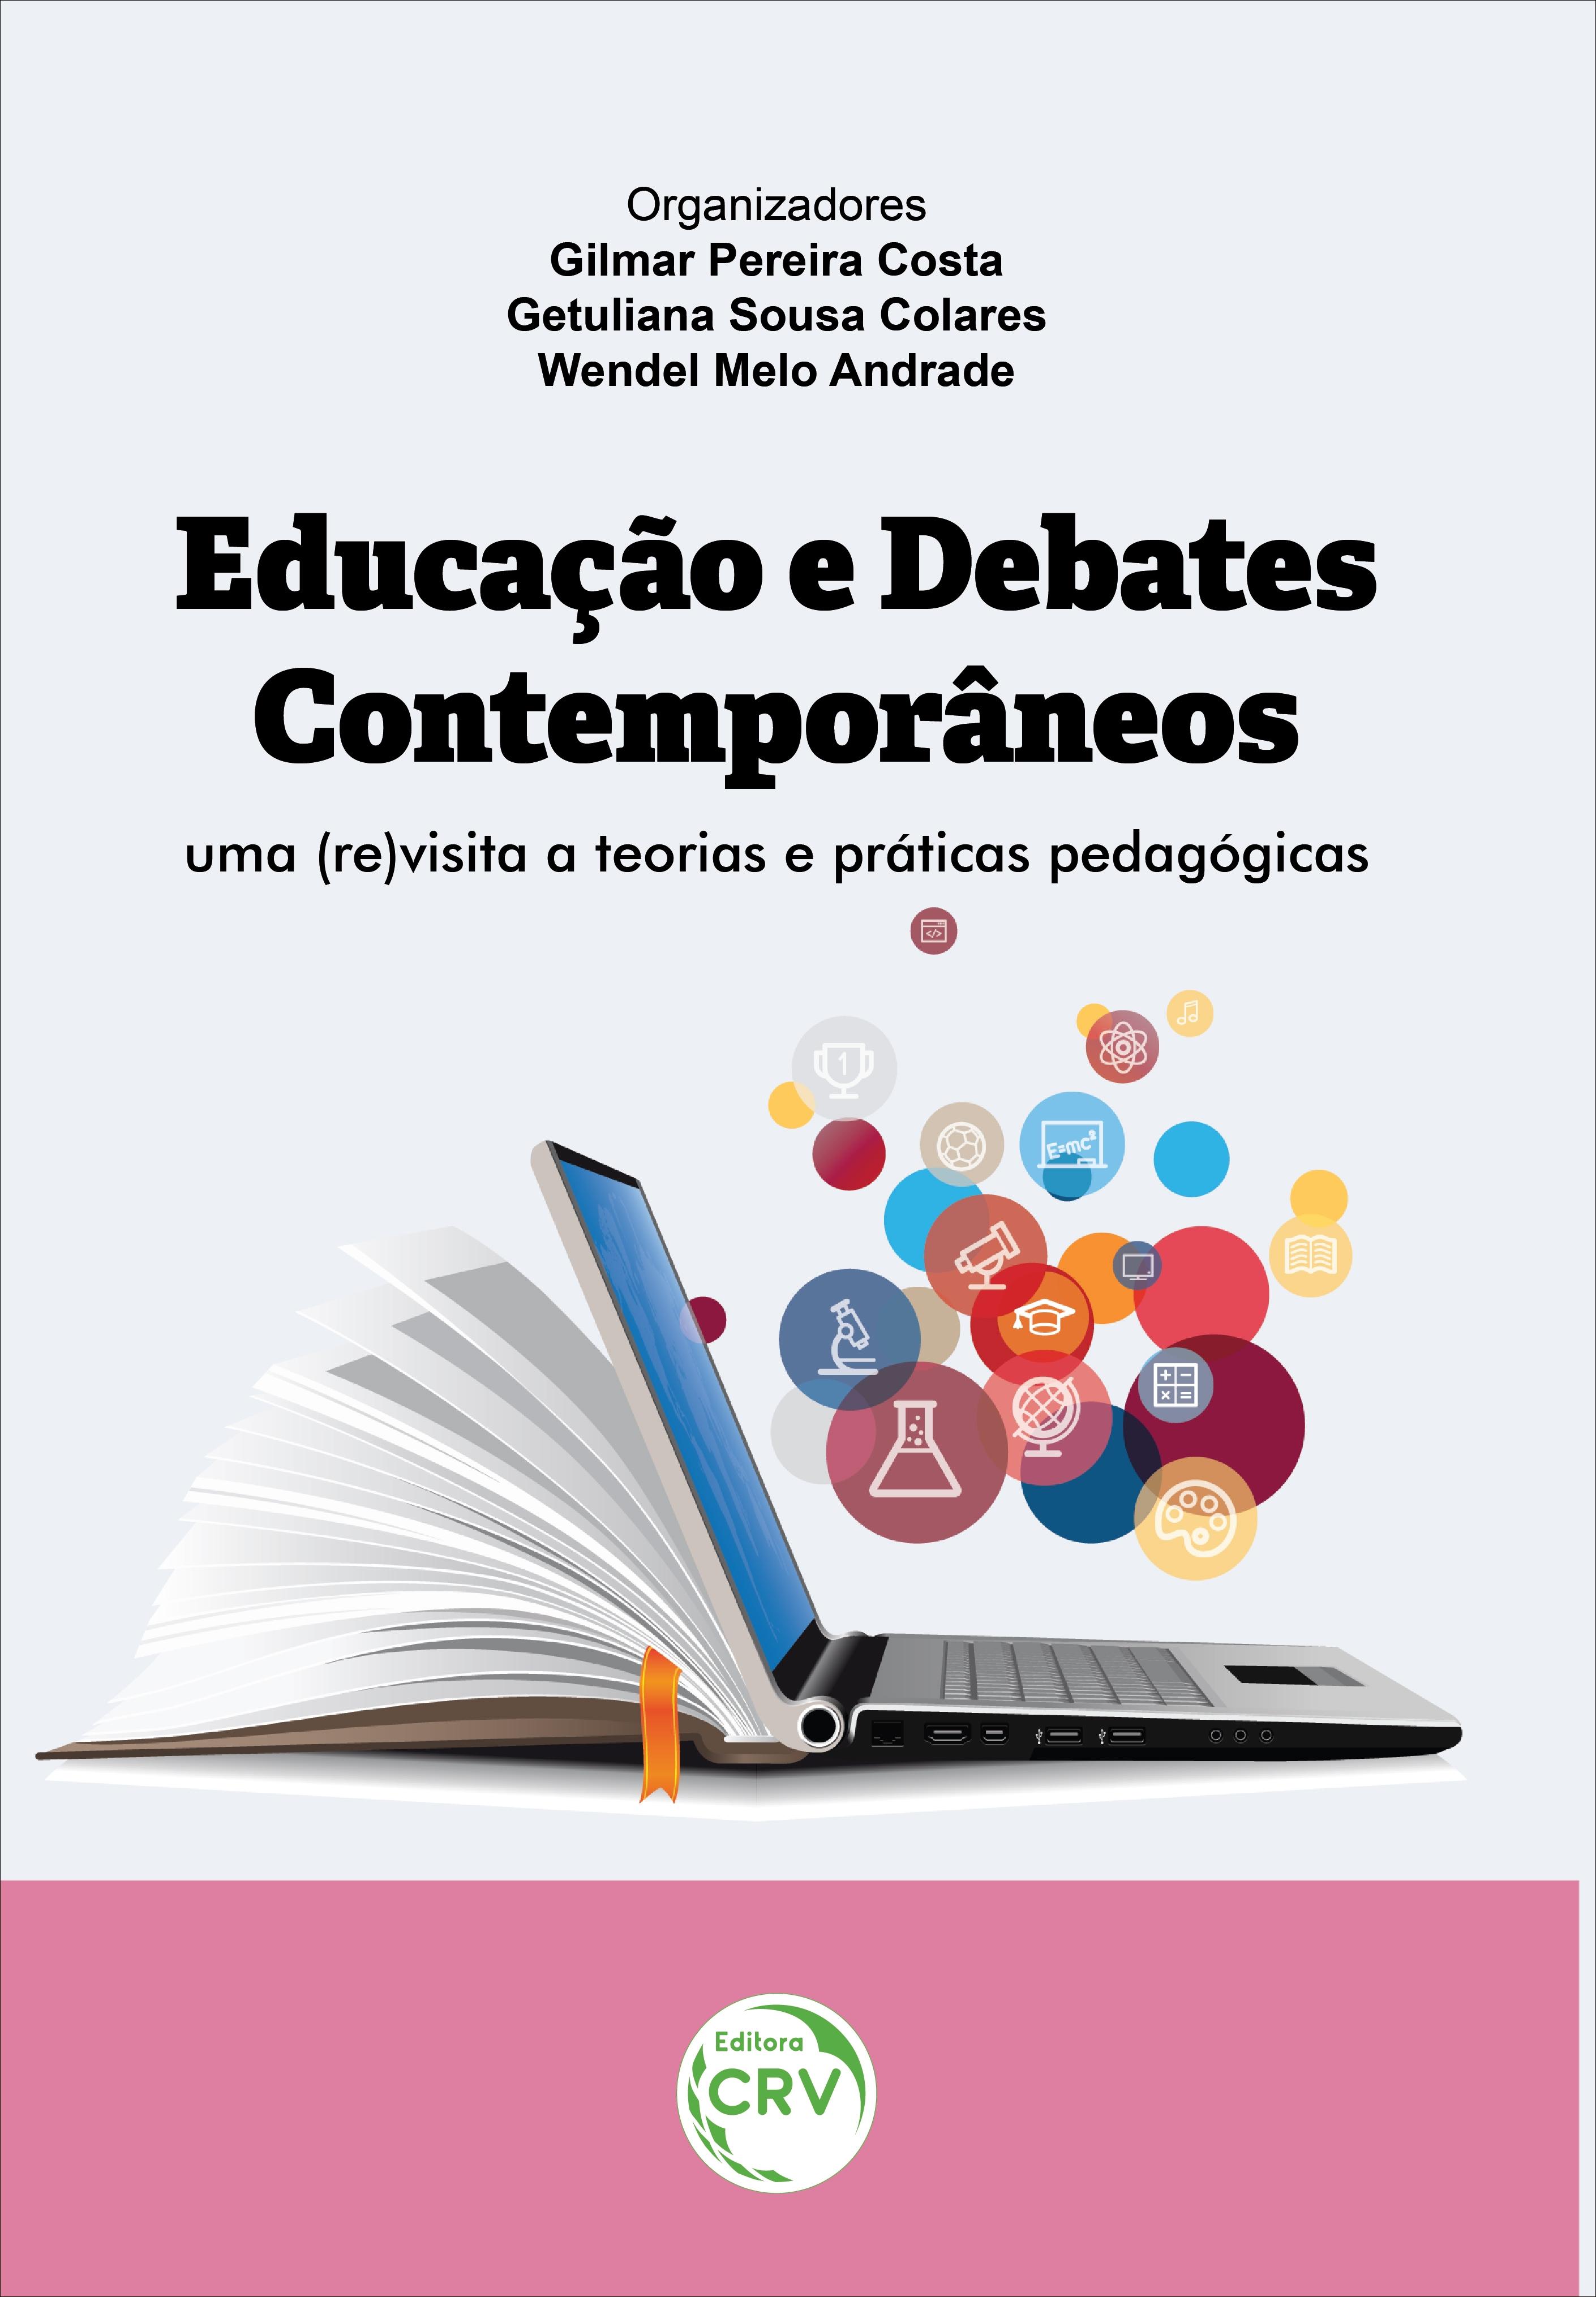 Capa do livro: EDUCAÇÃO E DEBATES CONTEMPORÂNEOS: <br>uma (re)visita a teorias e práticas pedagógicas